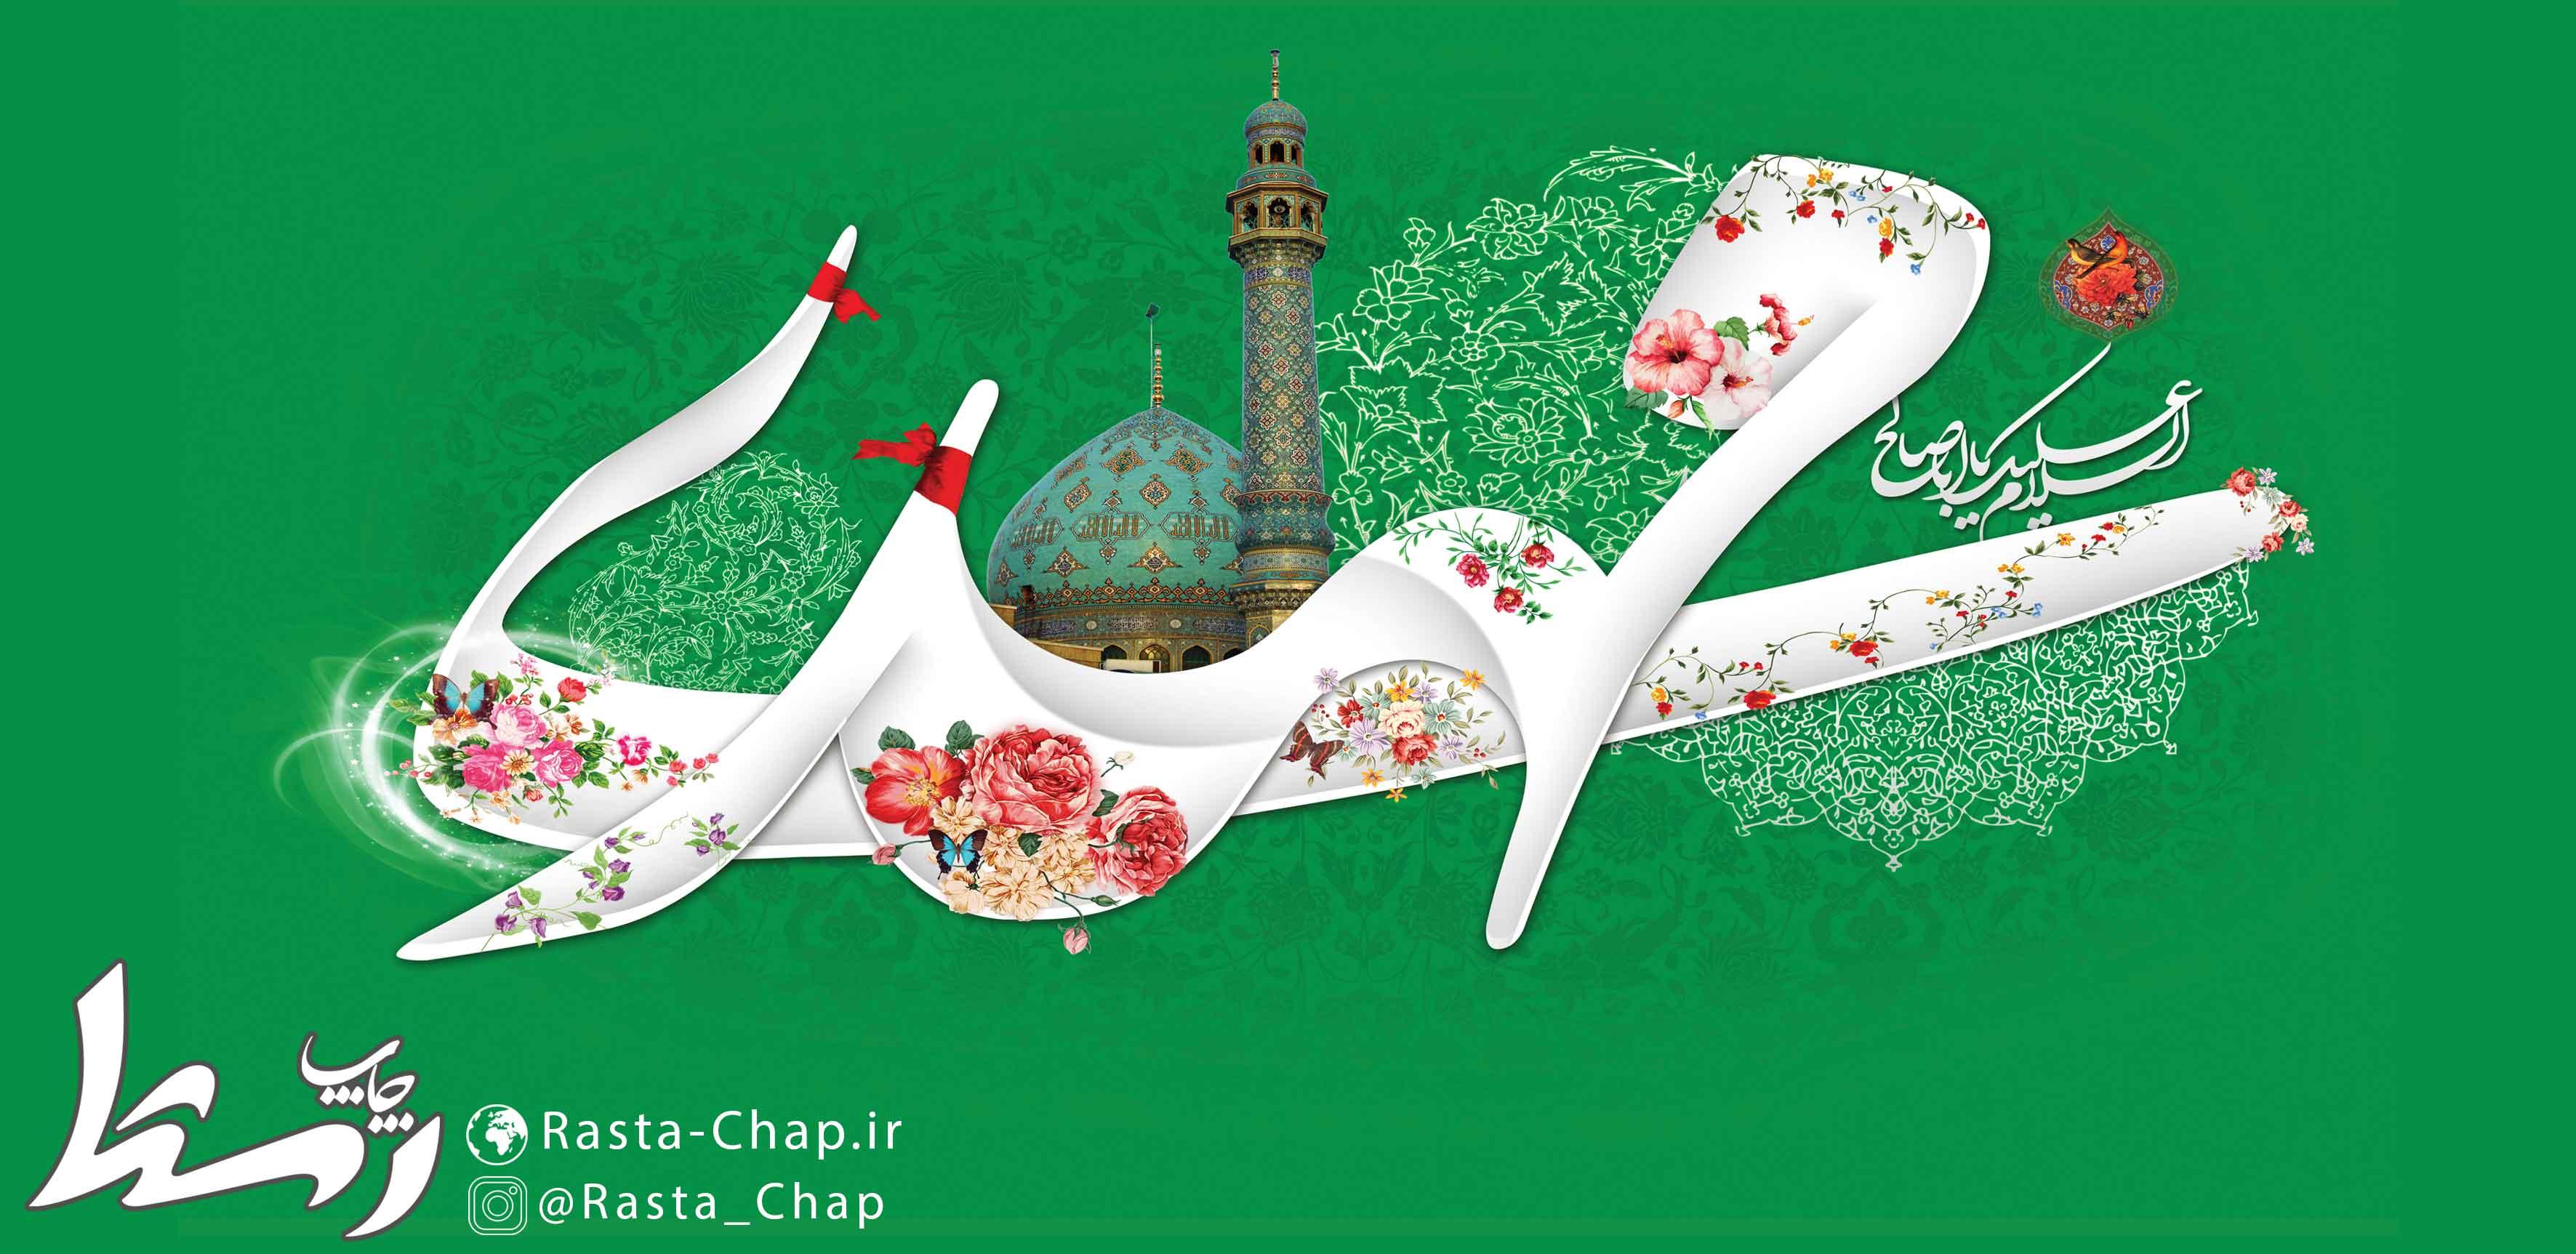 افتتاح اولین چاپخانه آنلاین اسلامشهر در روز نیمه شعبان